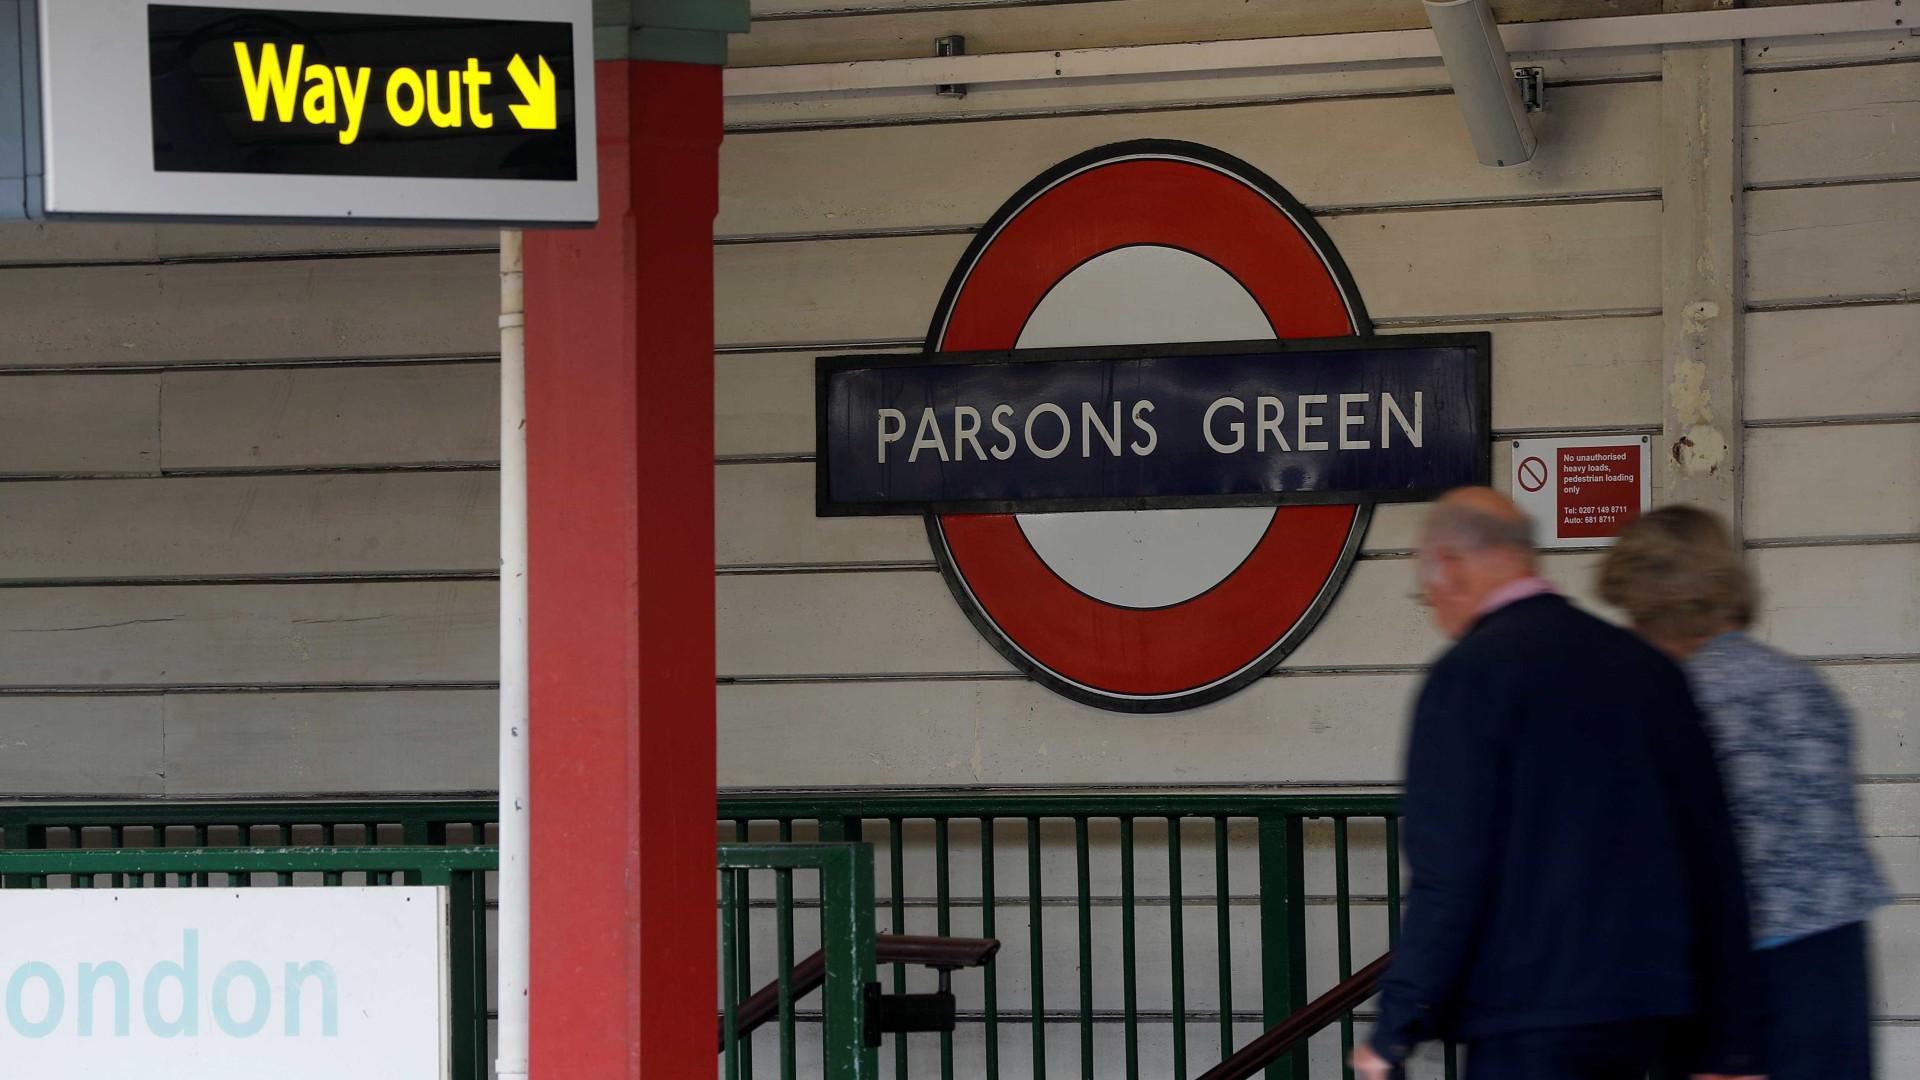 Após ataque, estação de metro de Parsons Green foi reaberta